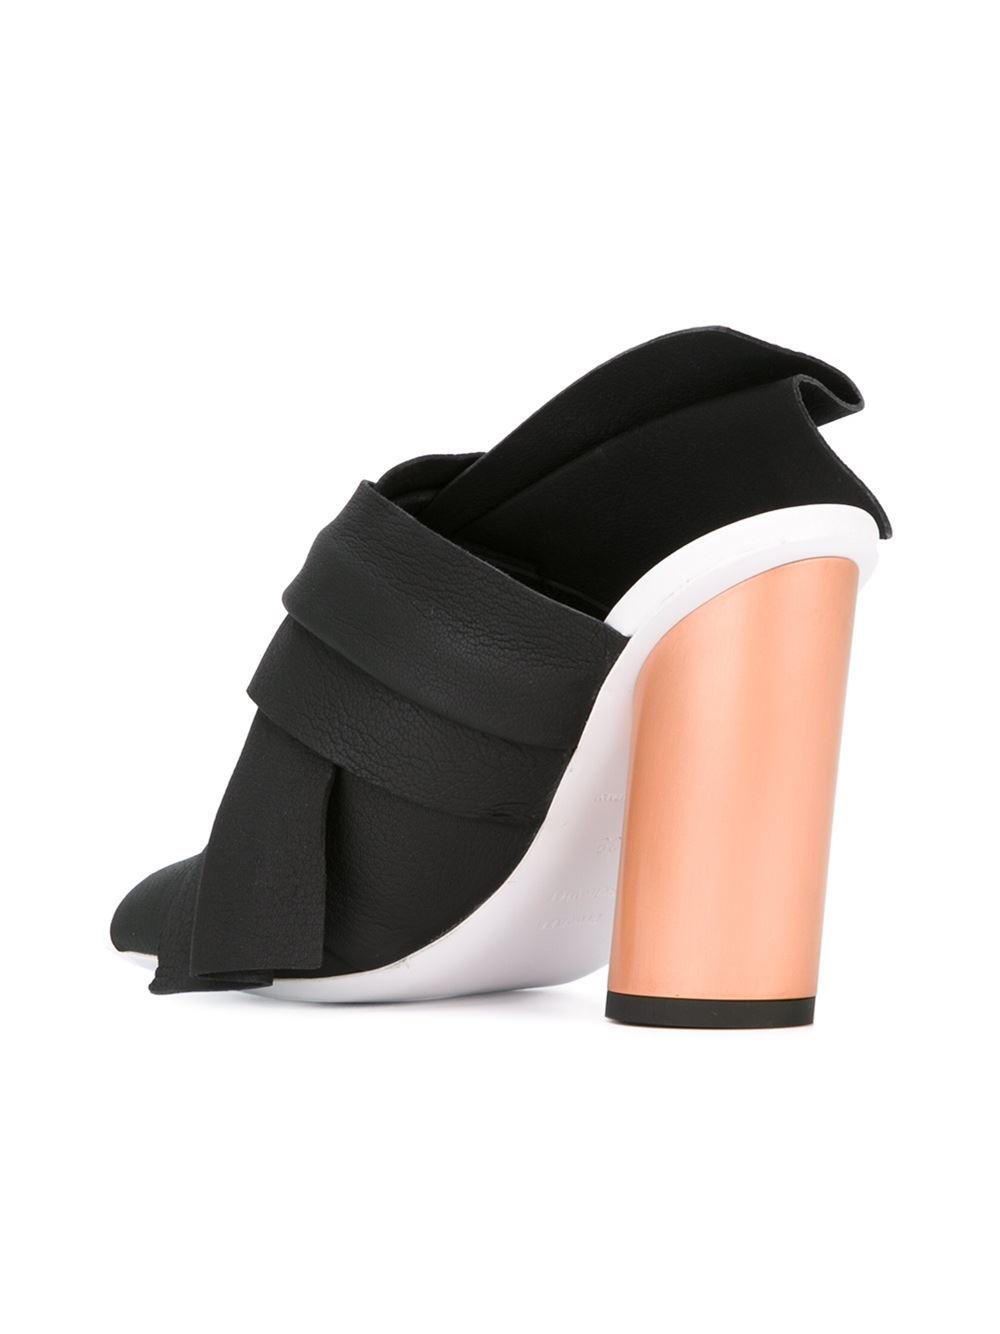 Mule Sandals Proenza Schouler AJM5a5Q